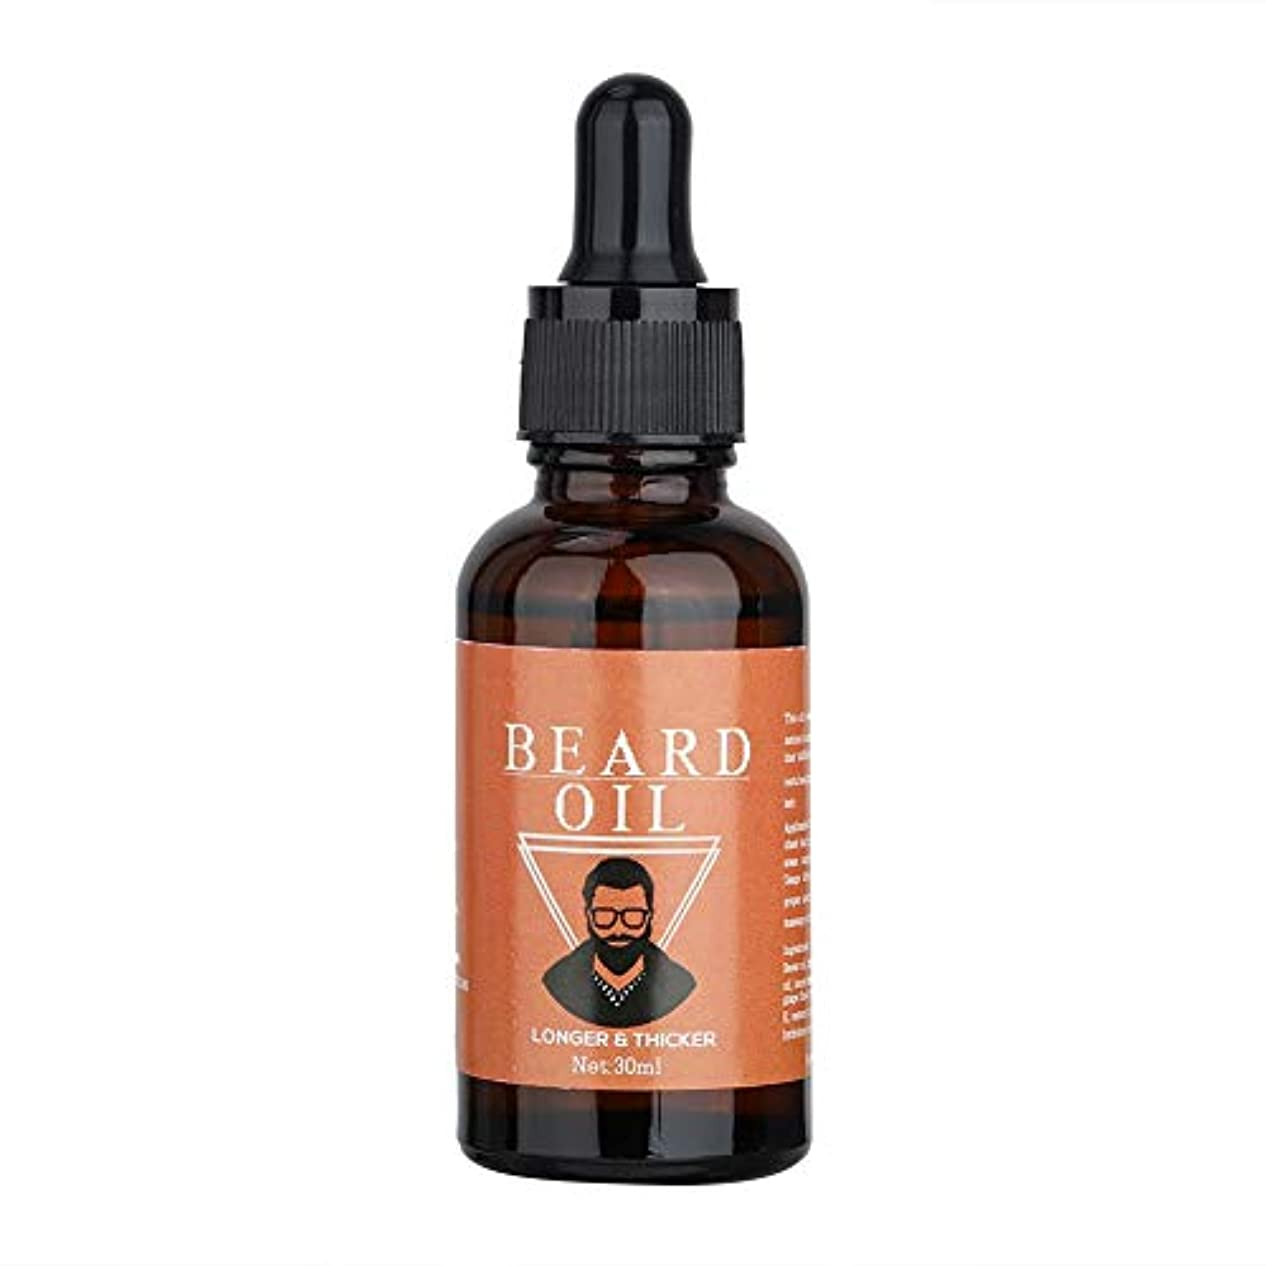 不測の事態ピラミッド反論ひげのオイルコンディショナー、人のひげの保湿の保湿のローションのエキスの植物性原料はあなたのひげをより健康にさせます